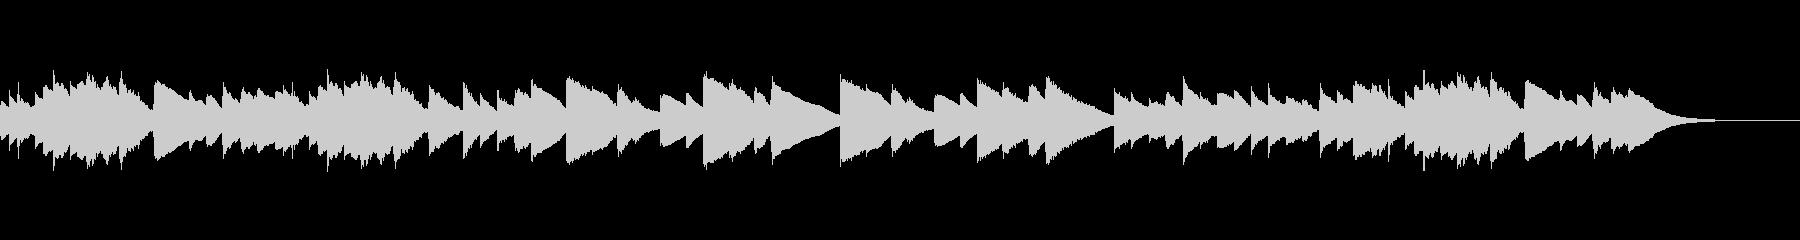 感動的で温かい癒しのチェレスタ曲(1分弱の未再生の波形